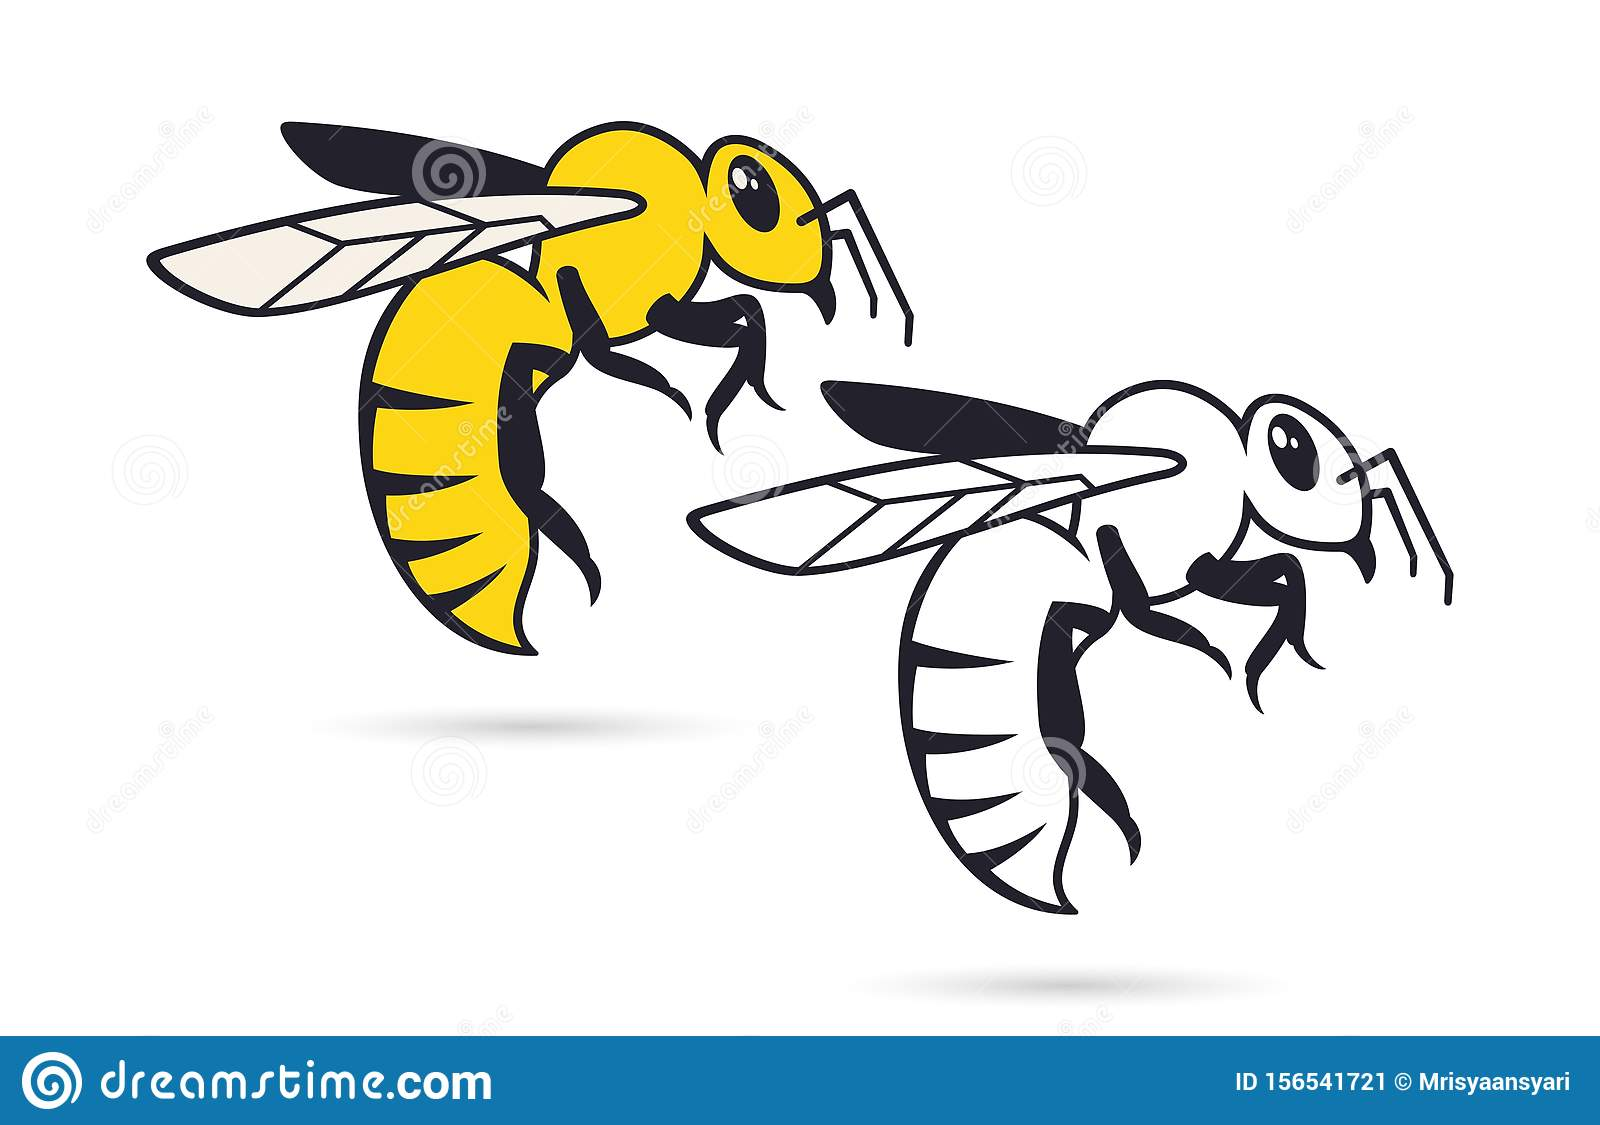 Honey bee clipart. Free download transparent .PNG   Creazilla